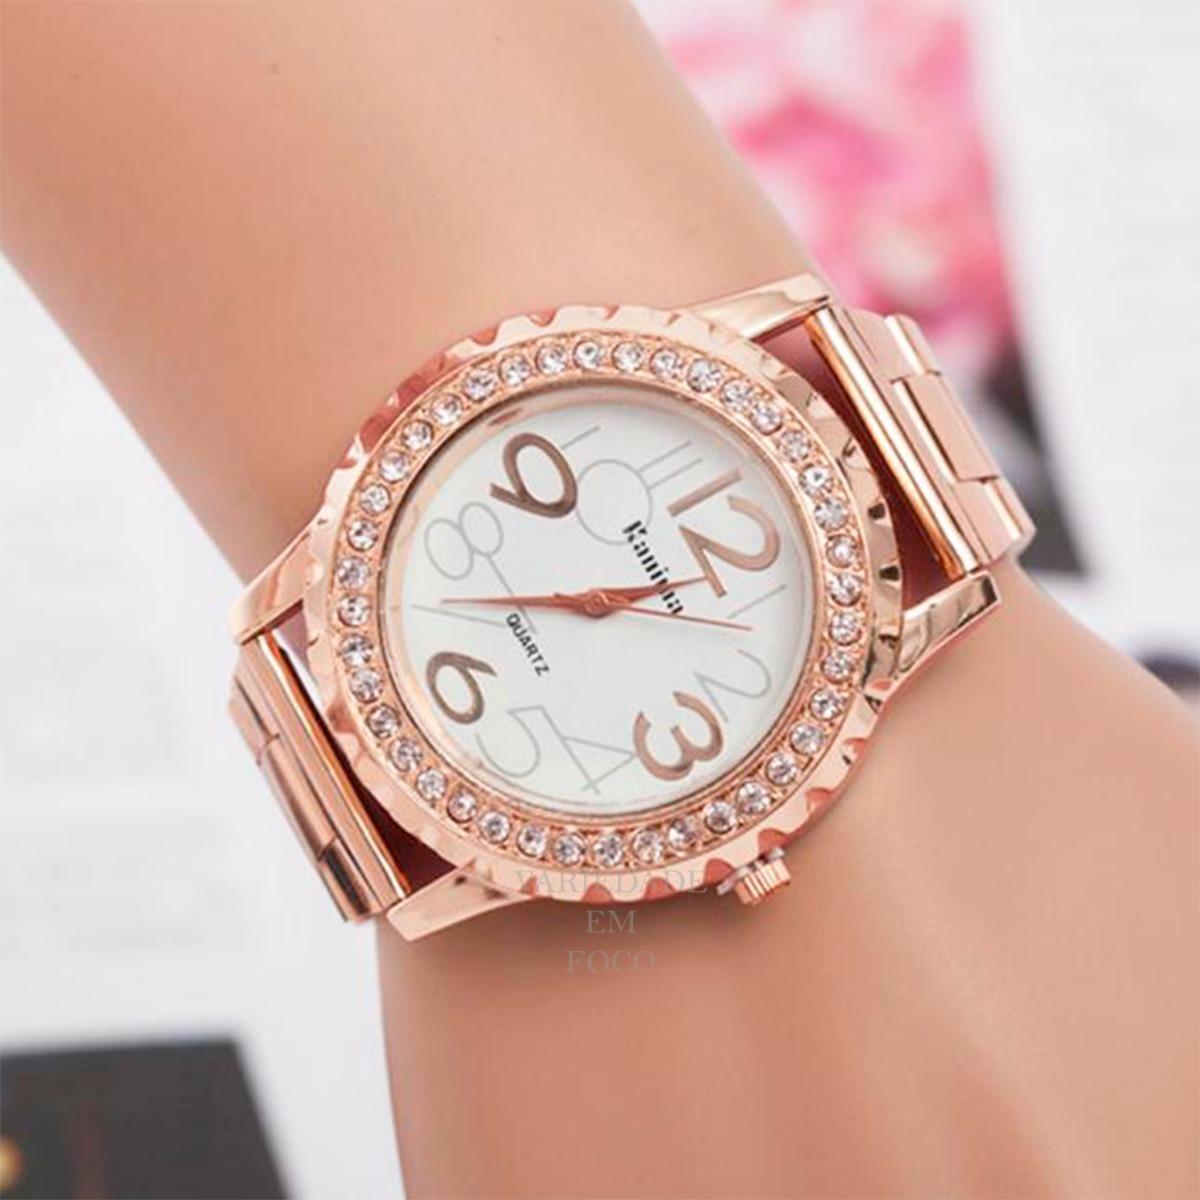 5926ab57745 relógio feminino rose com strass de luxo lindo kanima barato. Carregando  zoom.